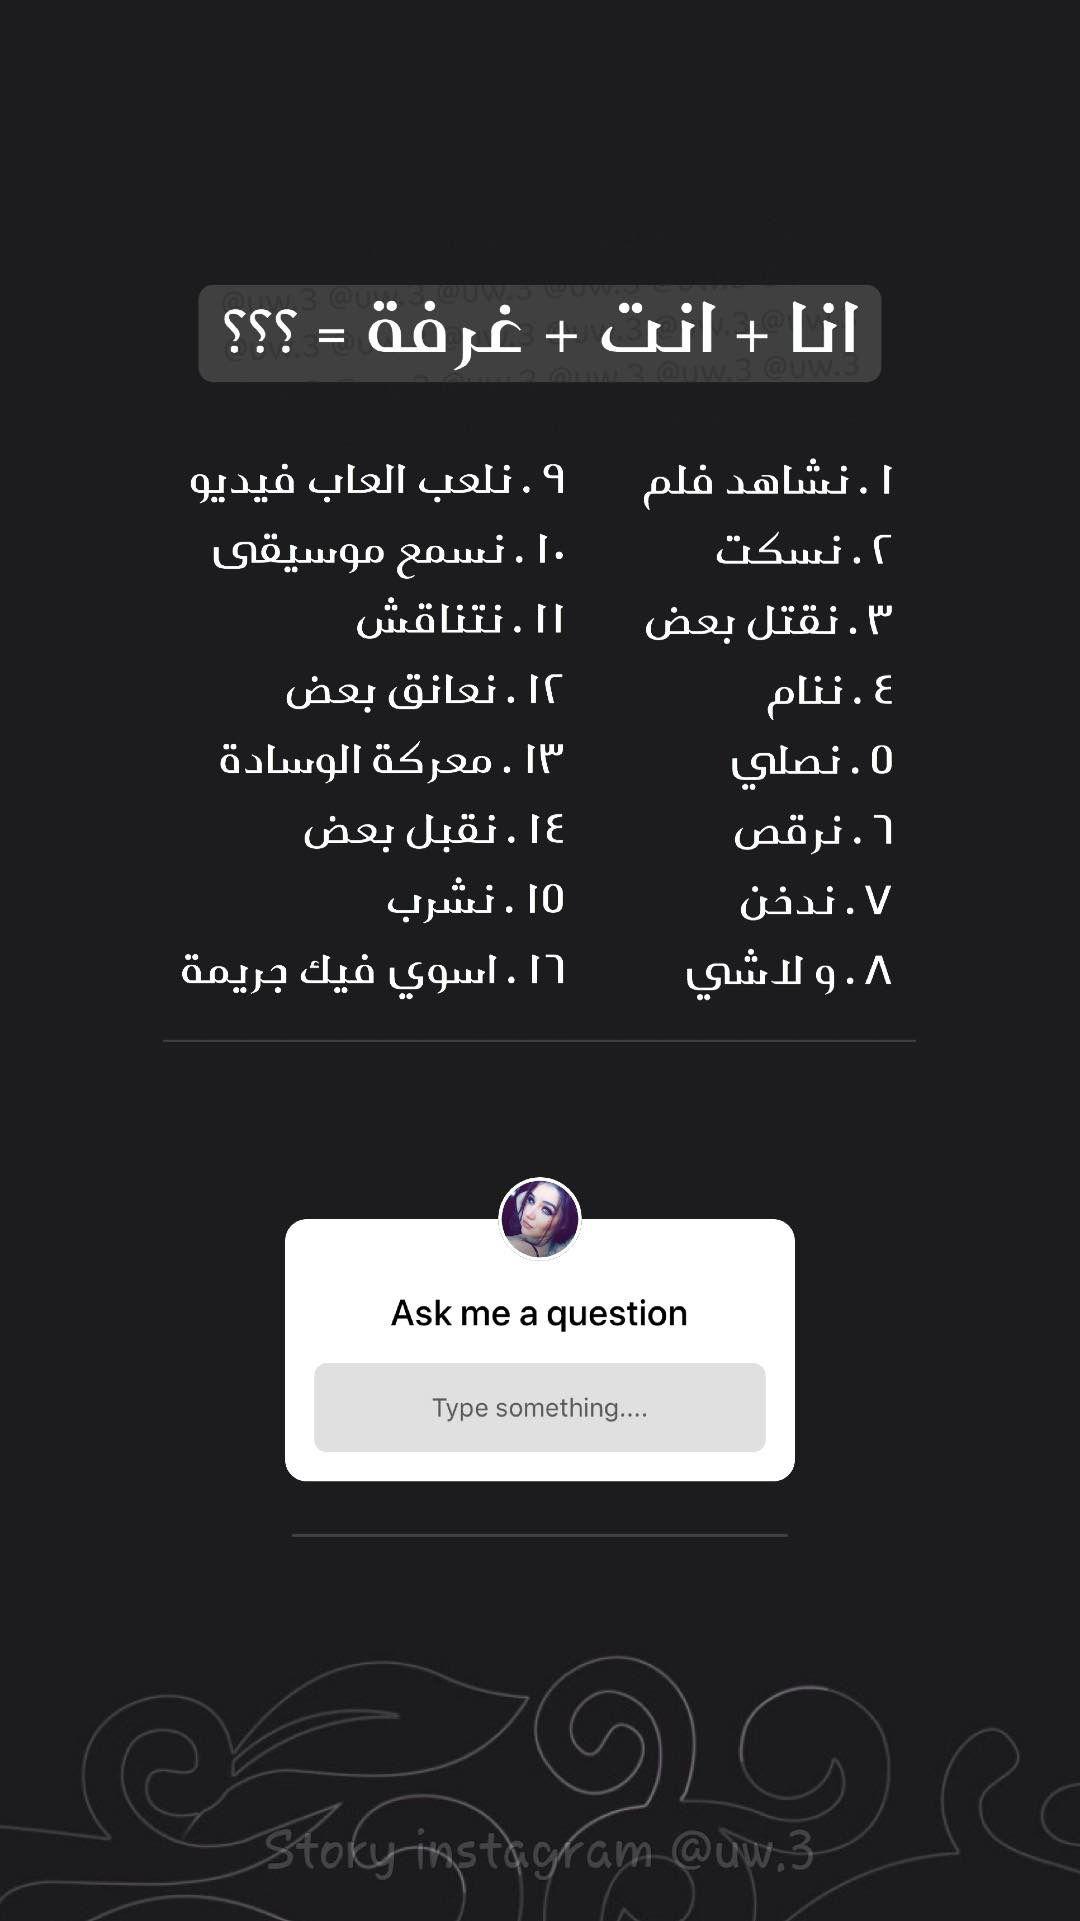 فعاليات ستوري Social Quotes Funny Arabic Quotes Bff Quotes